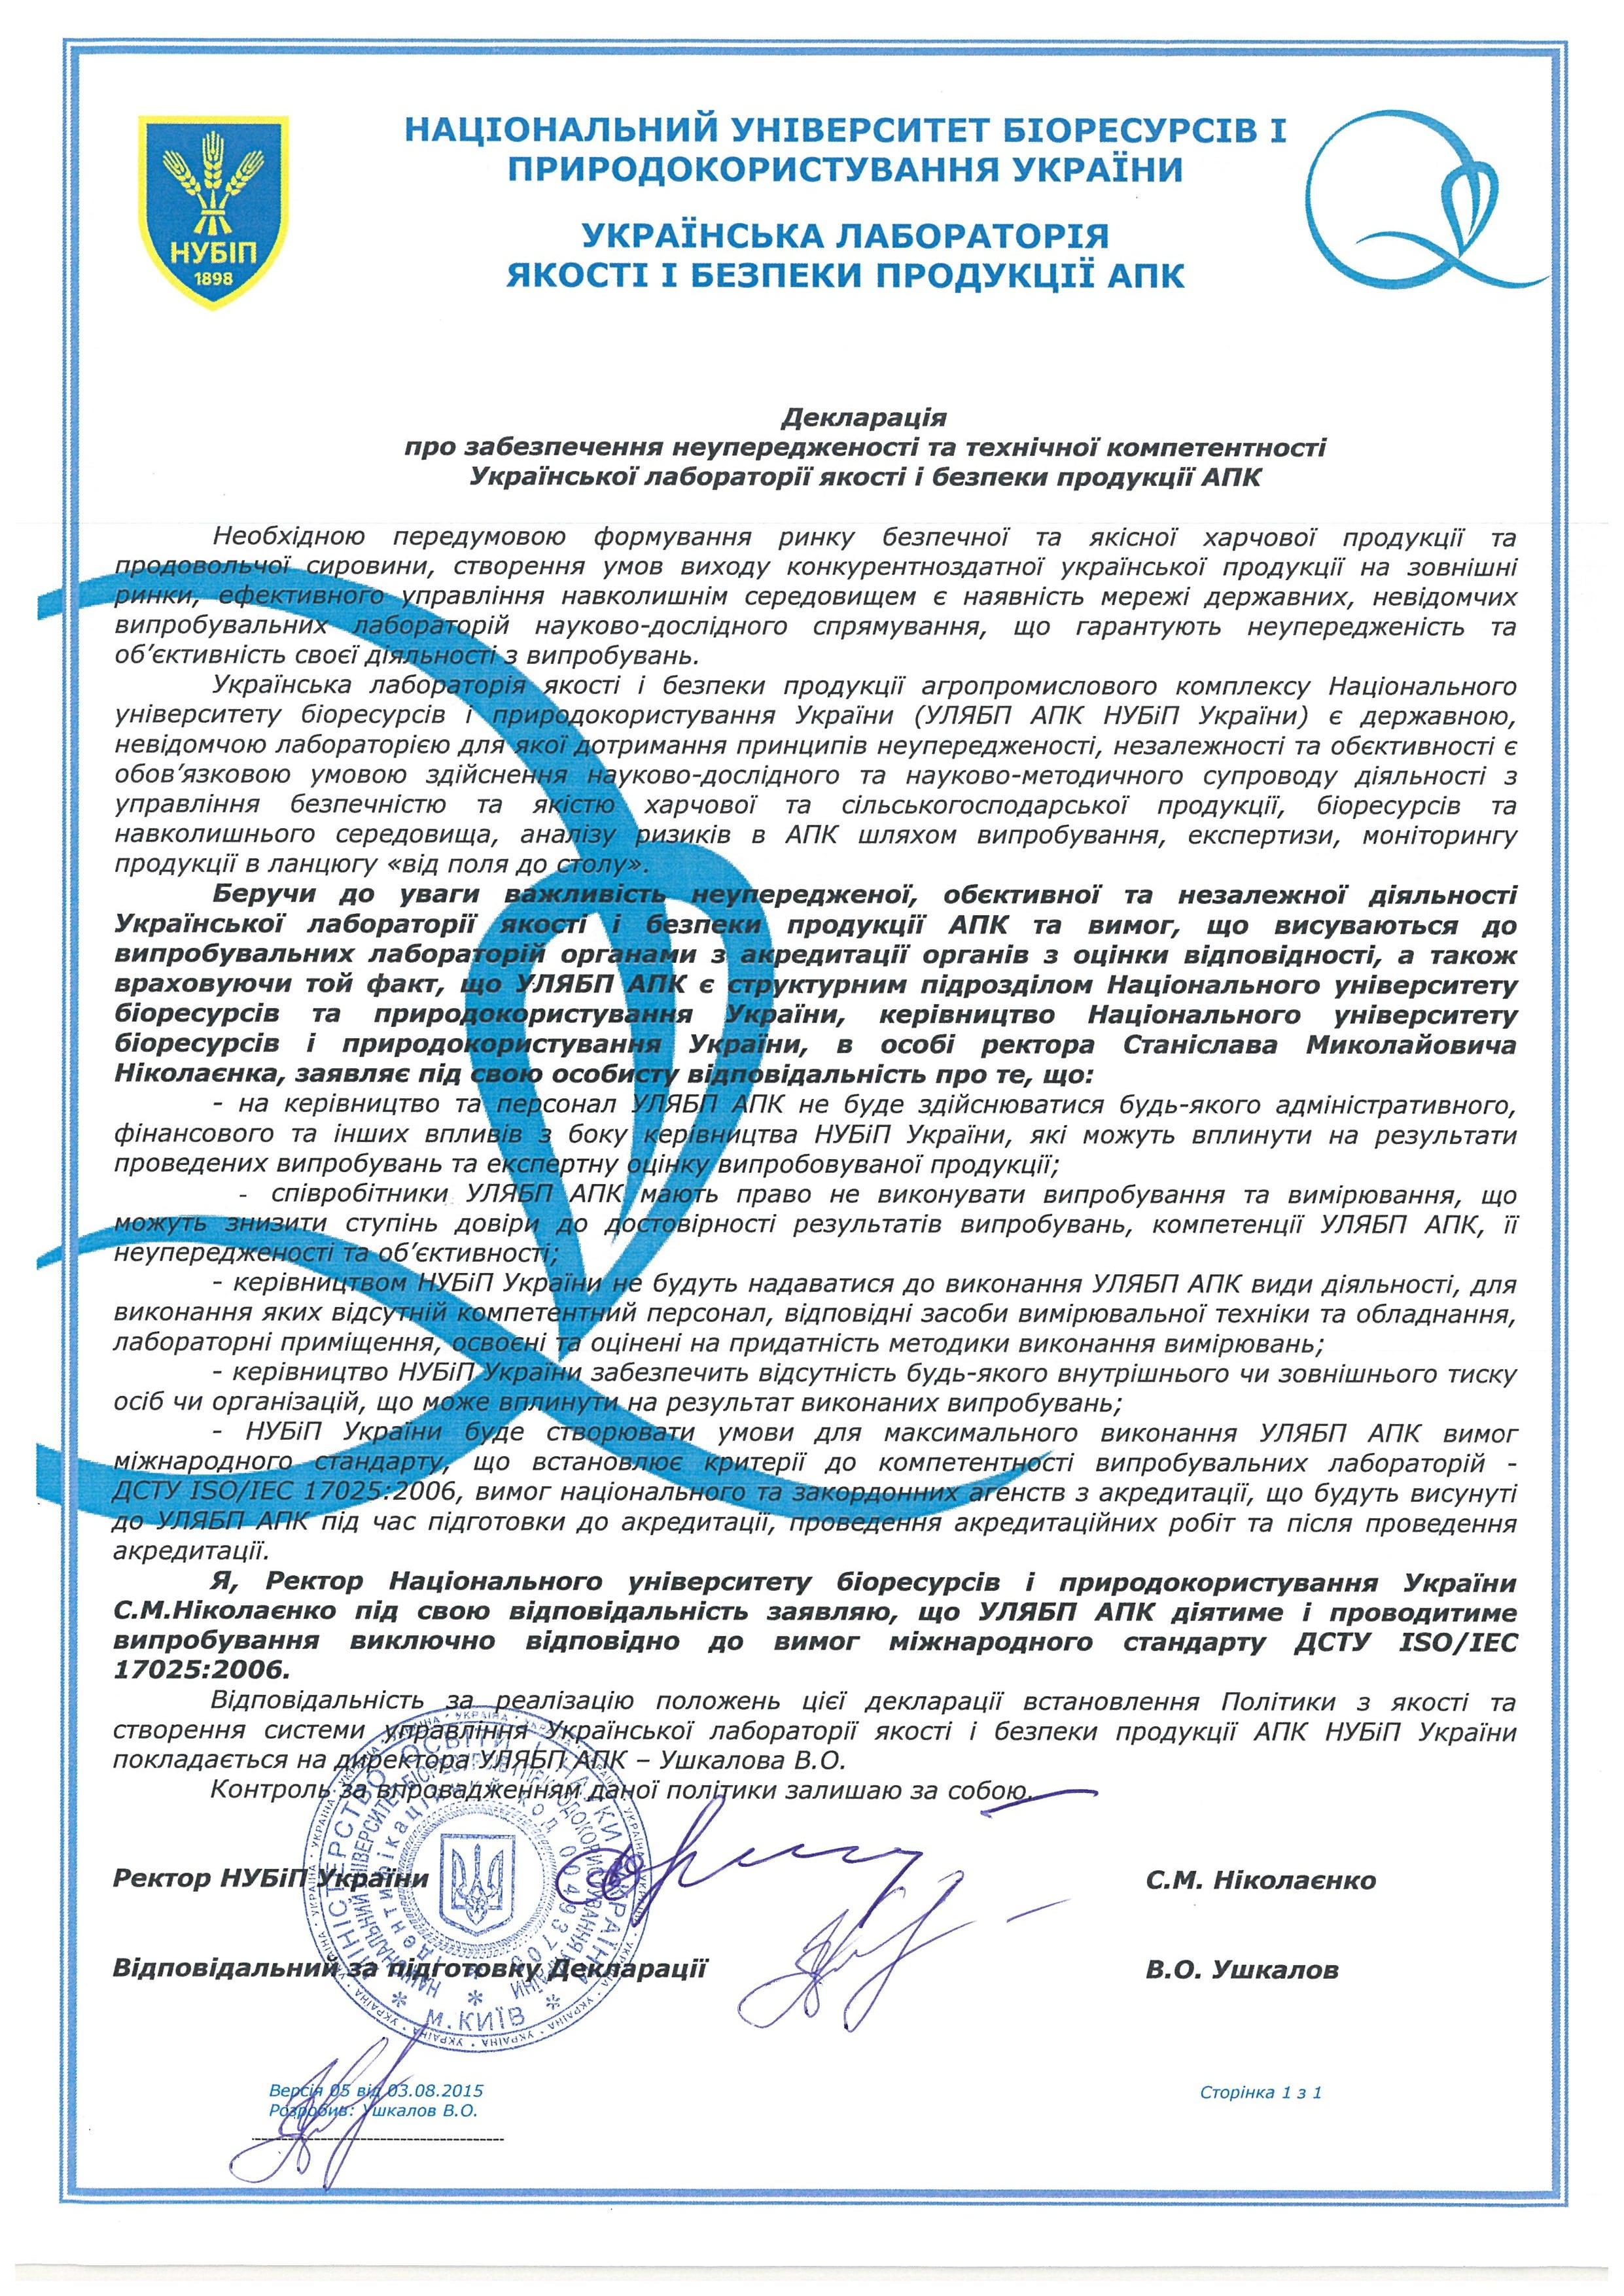 deklaratsiya_versiya_05